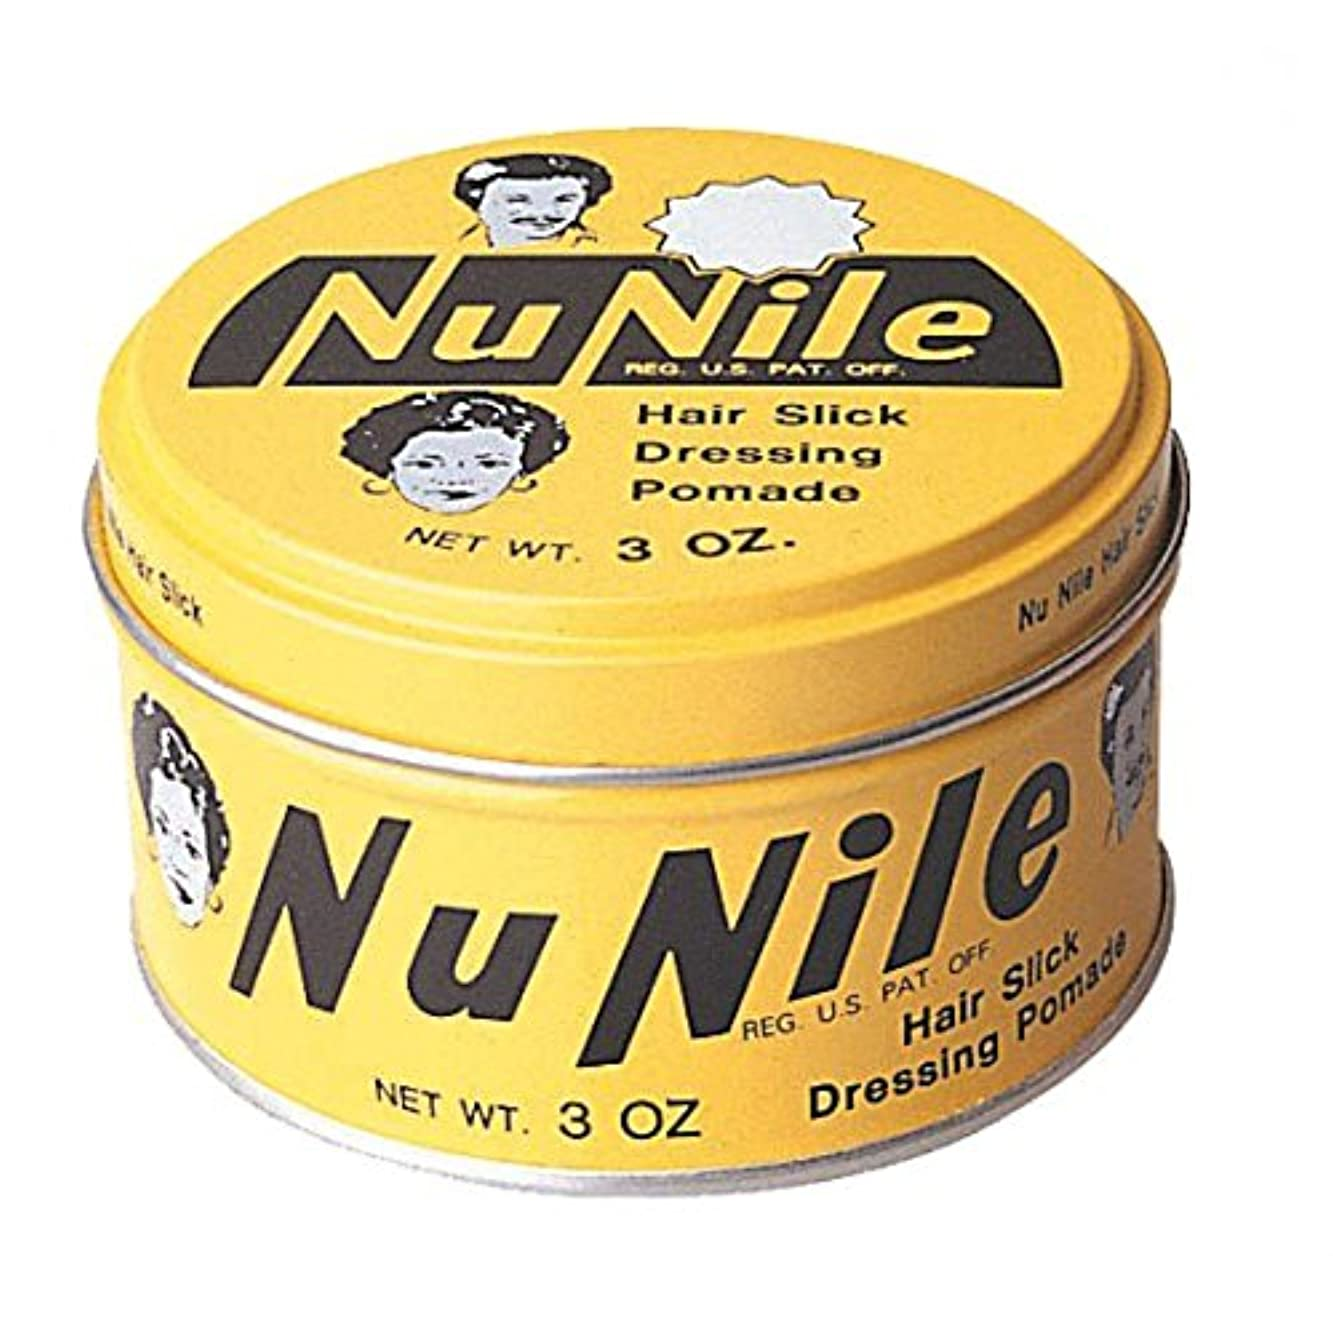 異邦人繊維ビルダーMURRAY'S(ブランド) マーレーズ Nu-Nile/ポマード/香水?コスメ 【公式/オフィシャル】